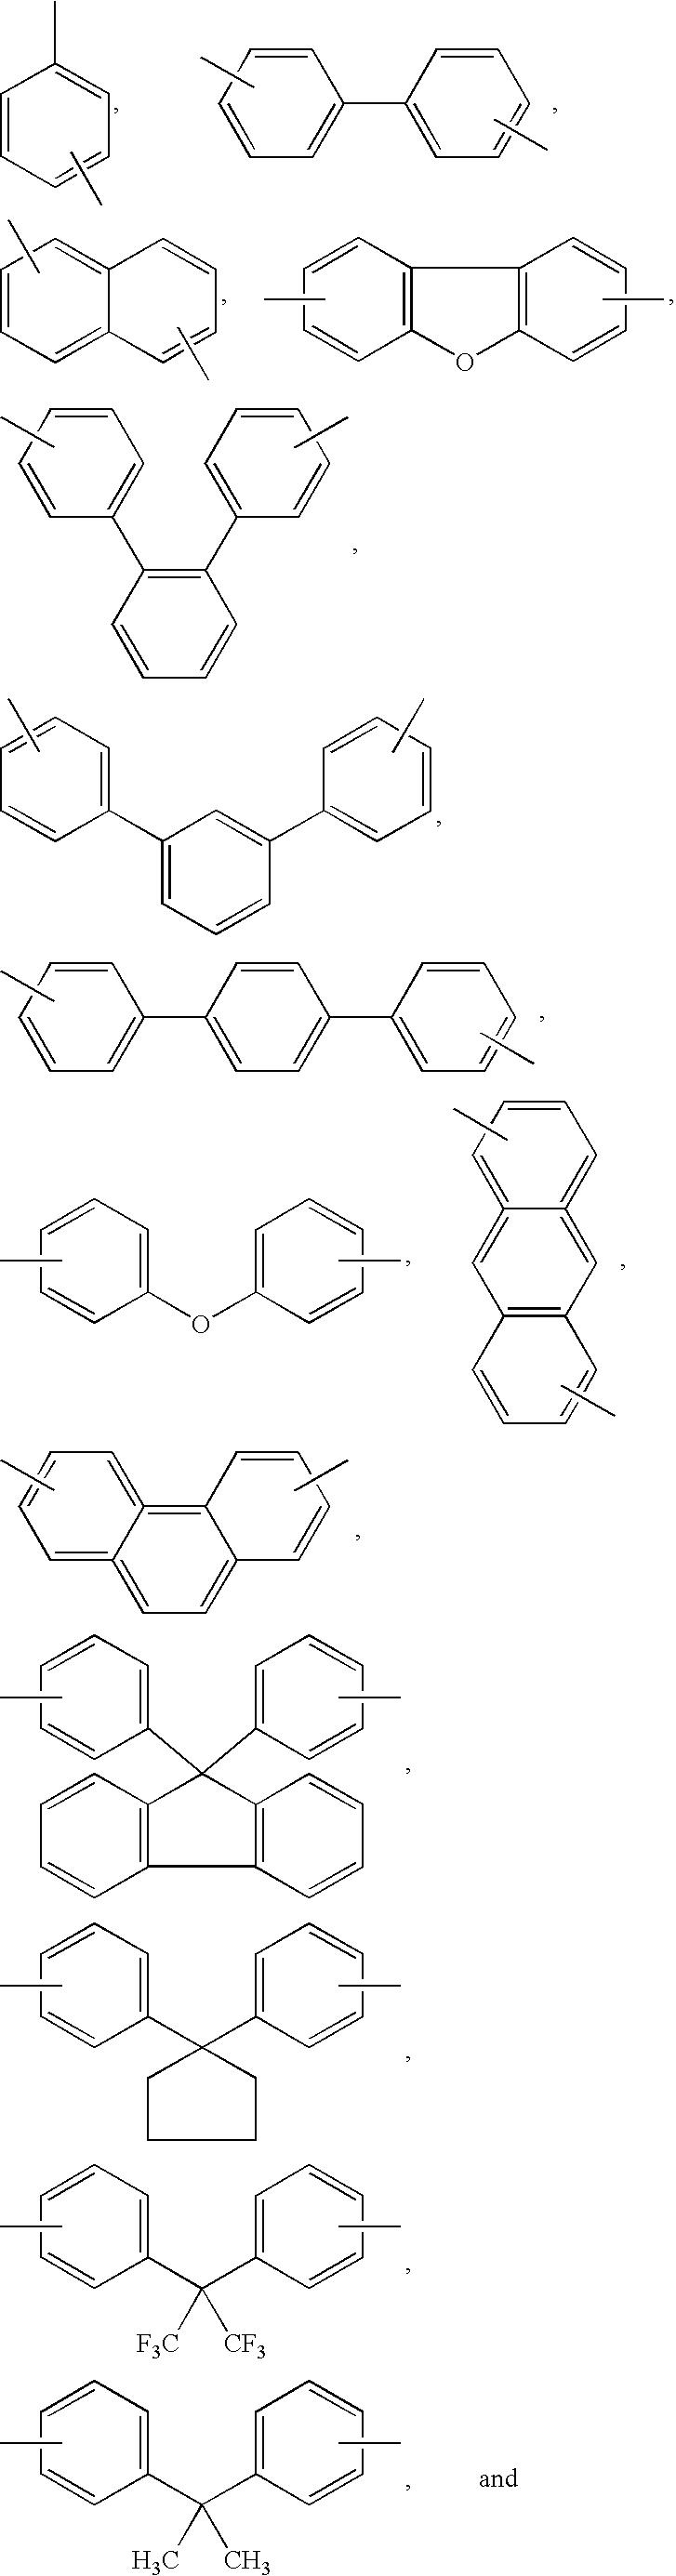 Figure US06716955-20040406-C00003